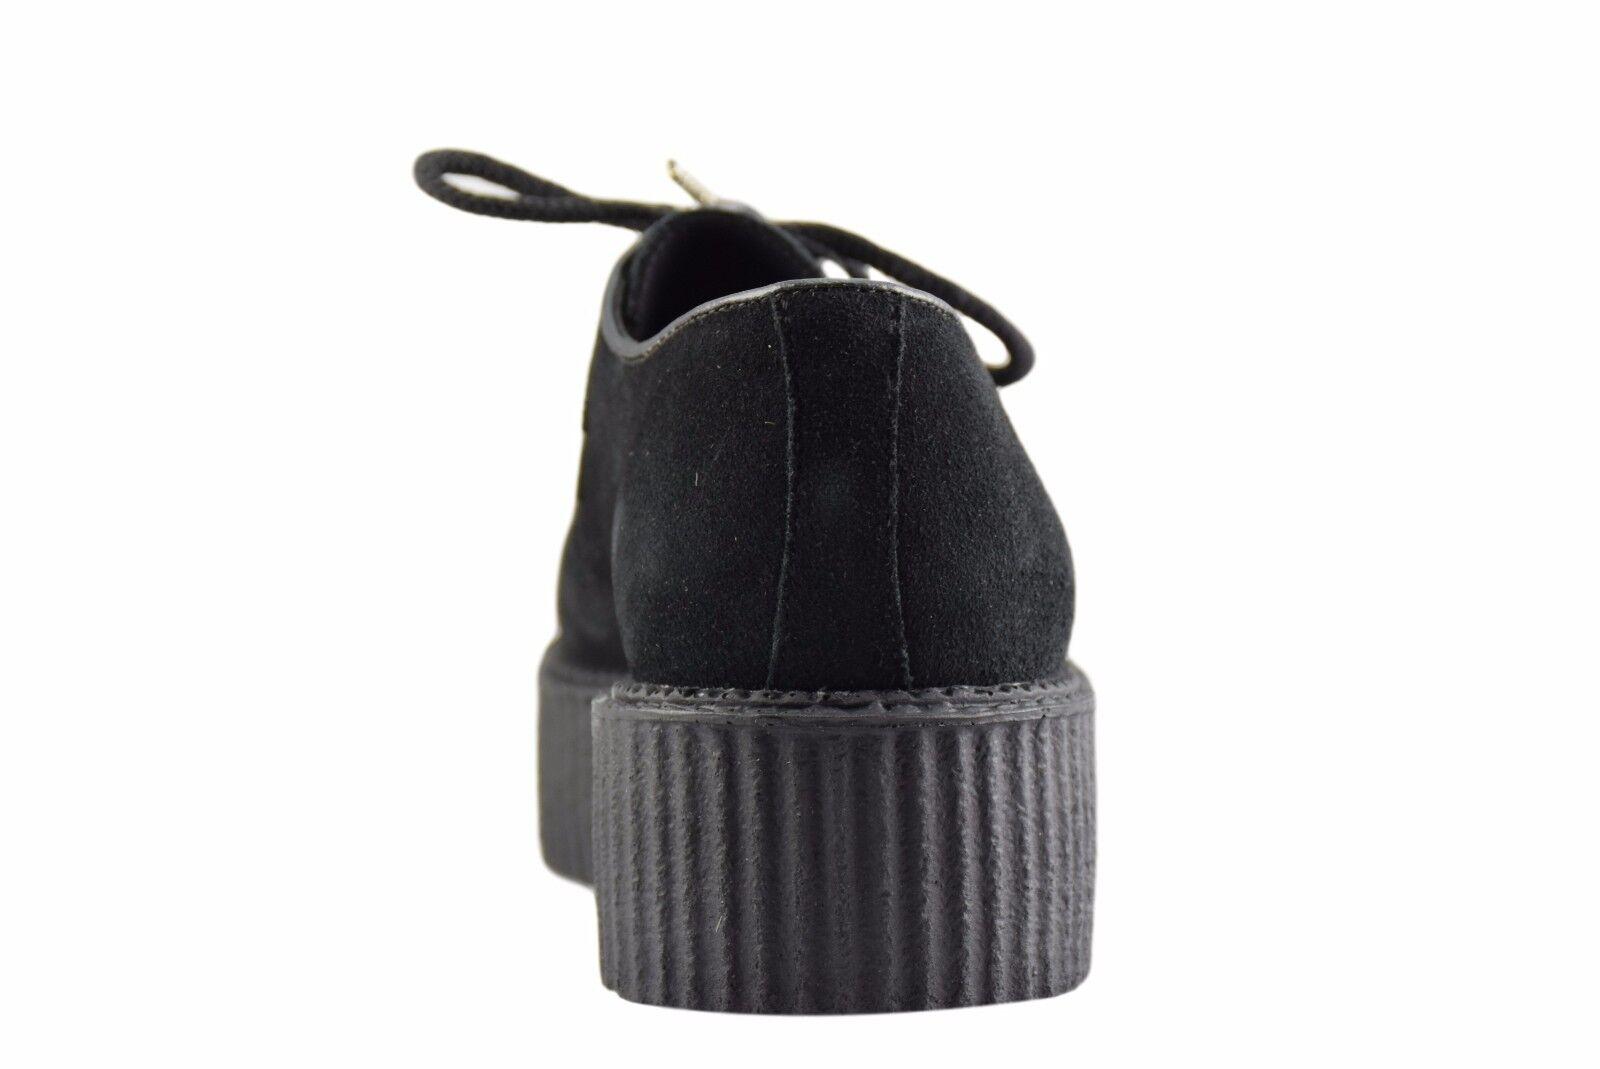 Scarpe di terra in acciaio neri in pelle scamosciata Suola Suola scamosciata Creepers Alte D Anello casual rock Sc300Z4 12acd1